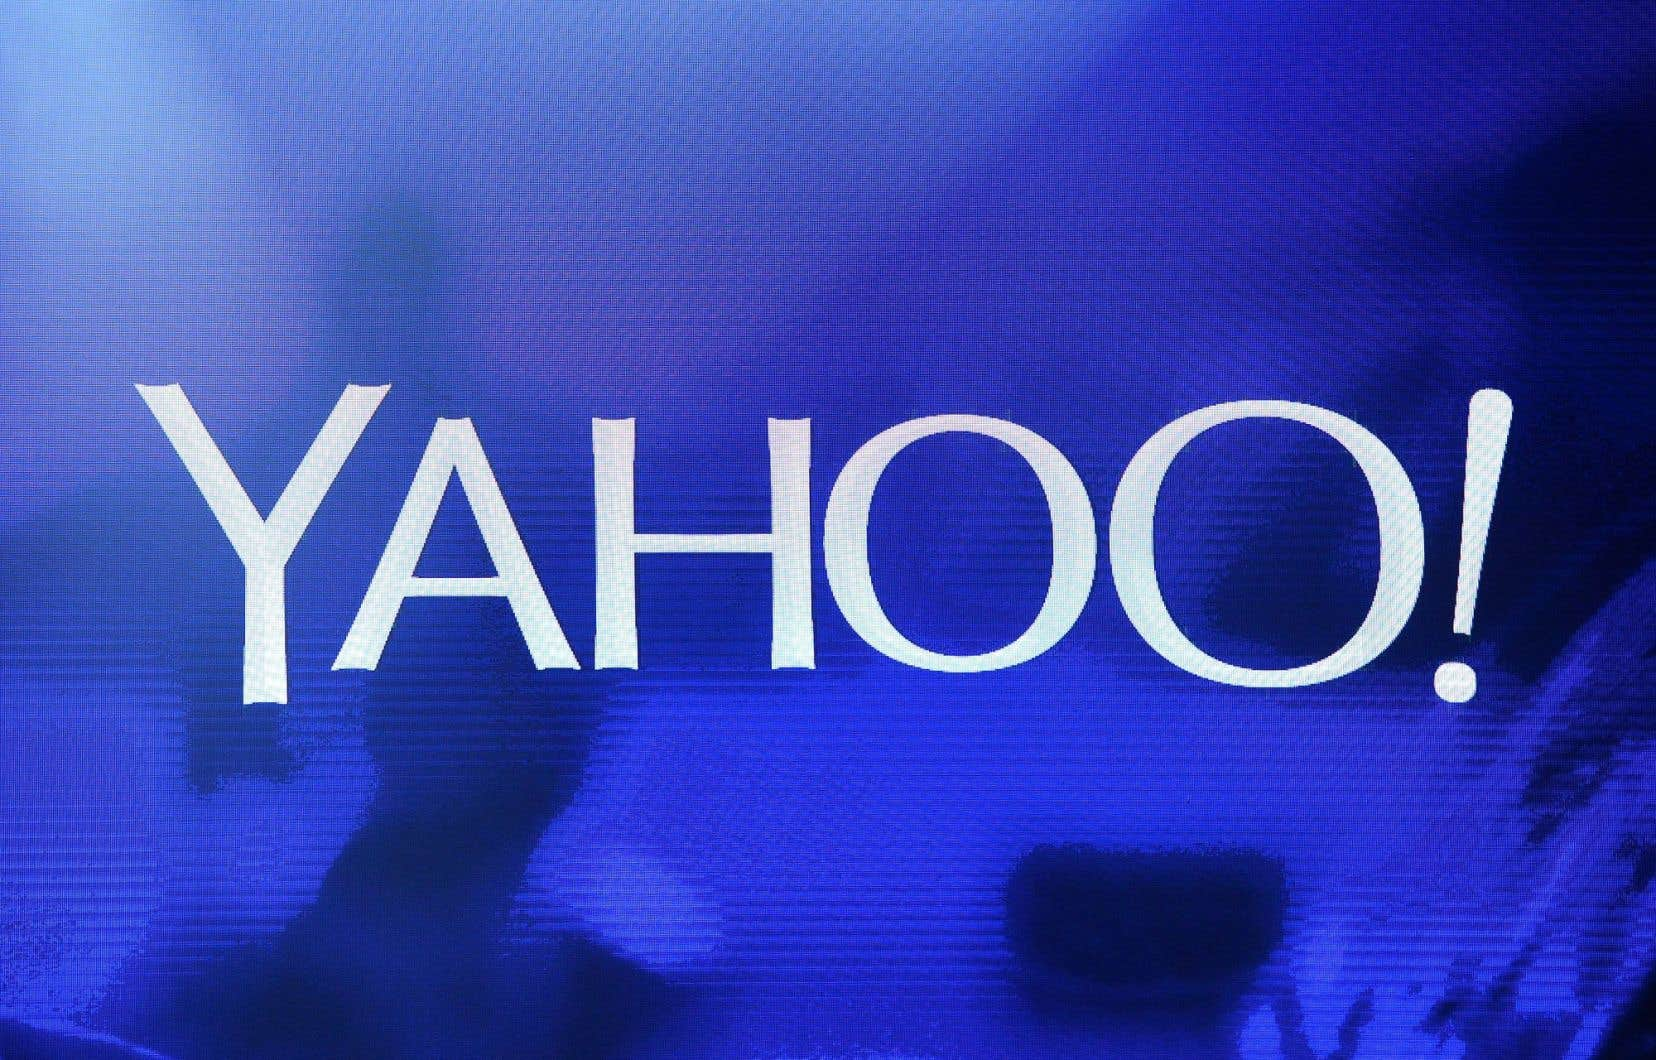 Les données bancaires des utilisateurs n'ont cependant pas été affectées, assure Yahoo!.